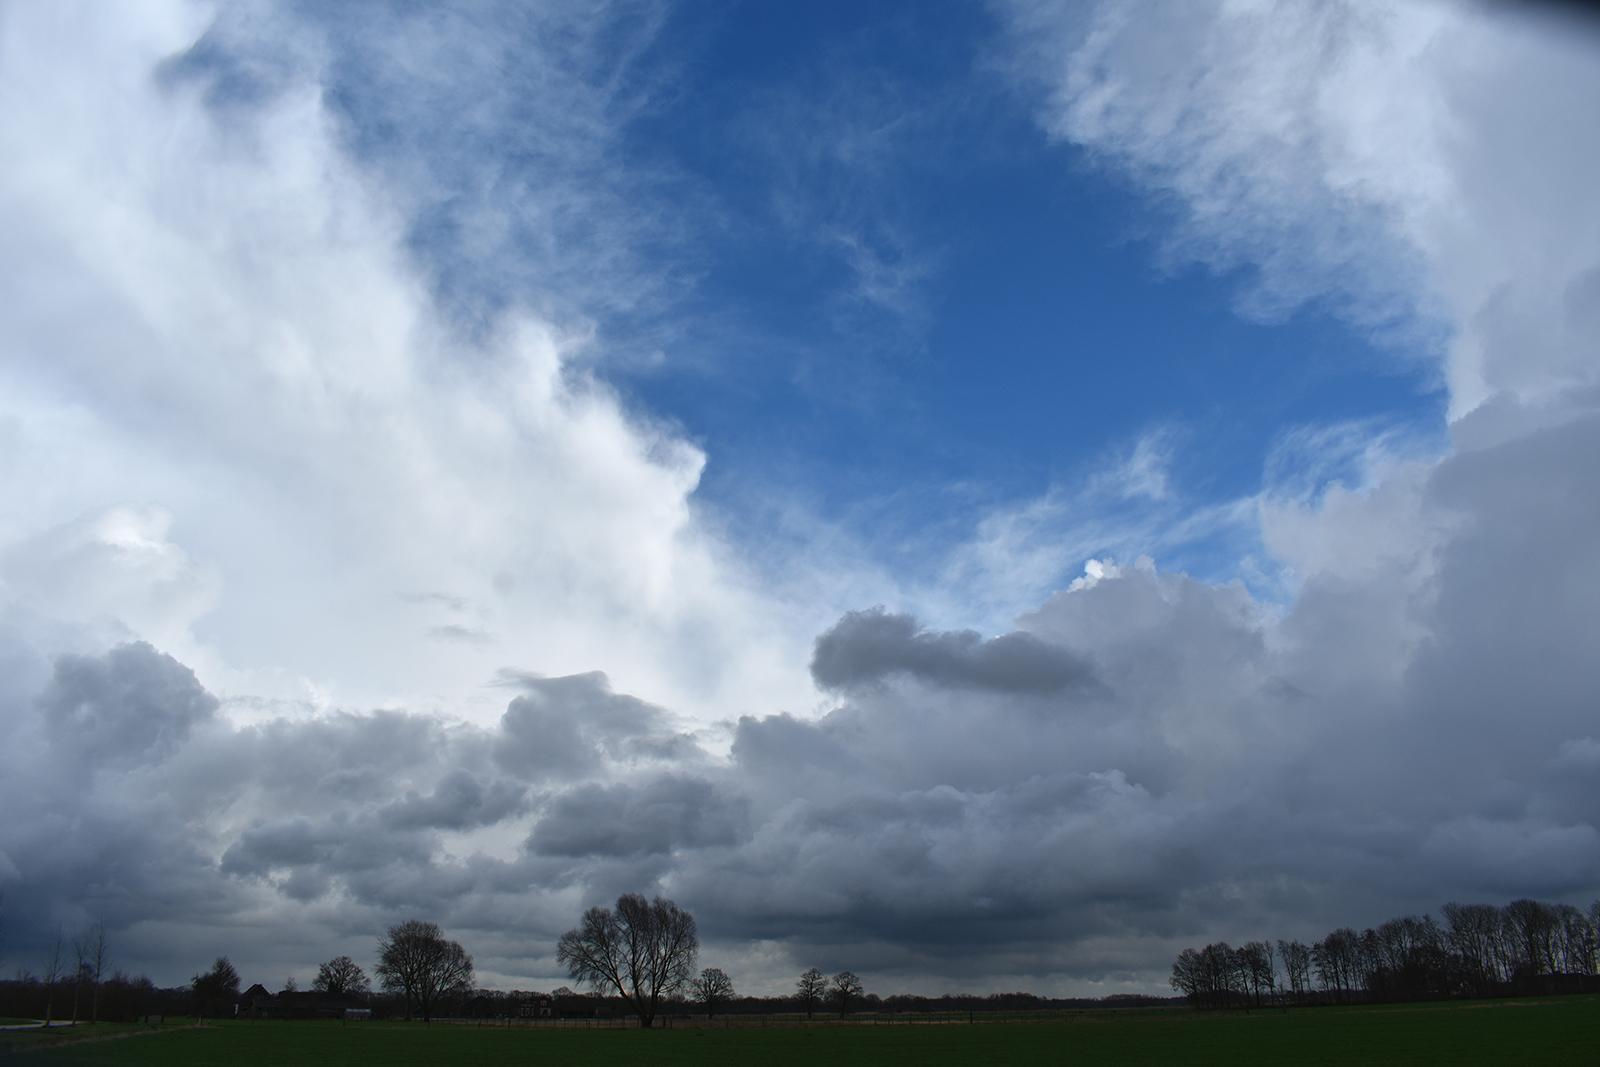 De sterke wind joeg de wolken voor zich uit langs de hemel - Foto: ©Louis Fraanje